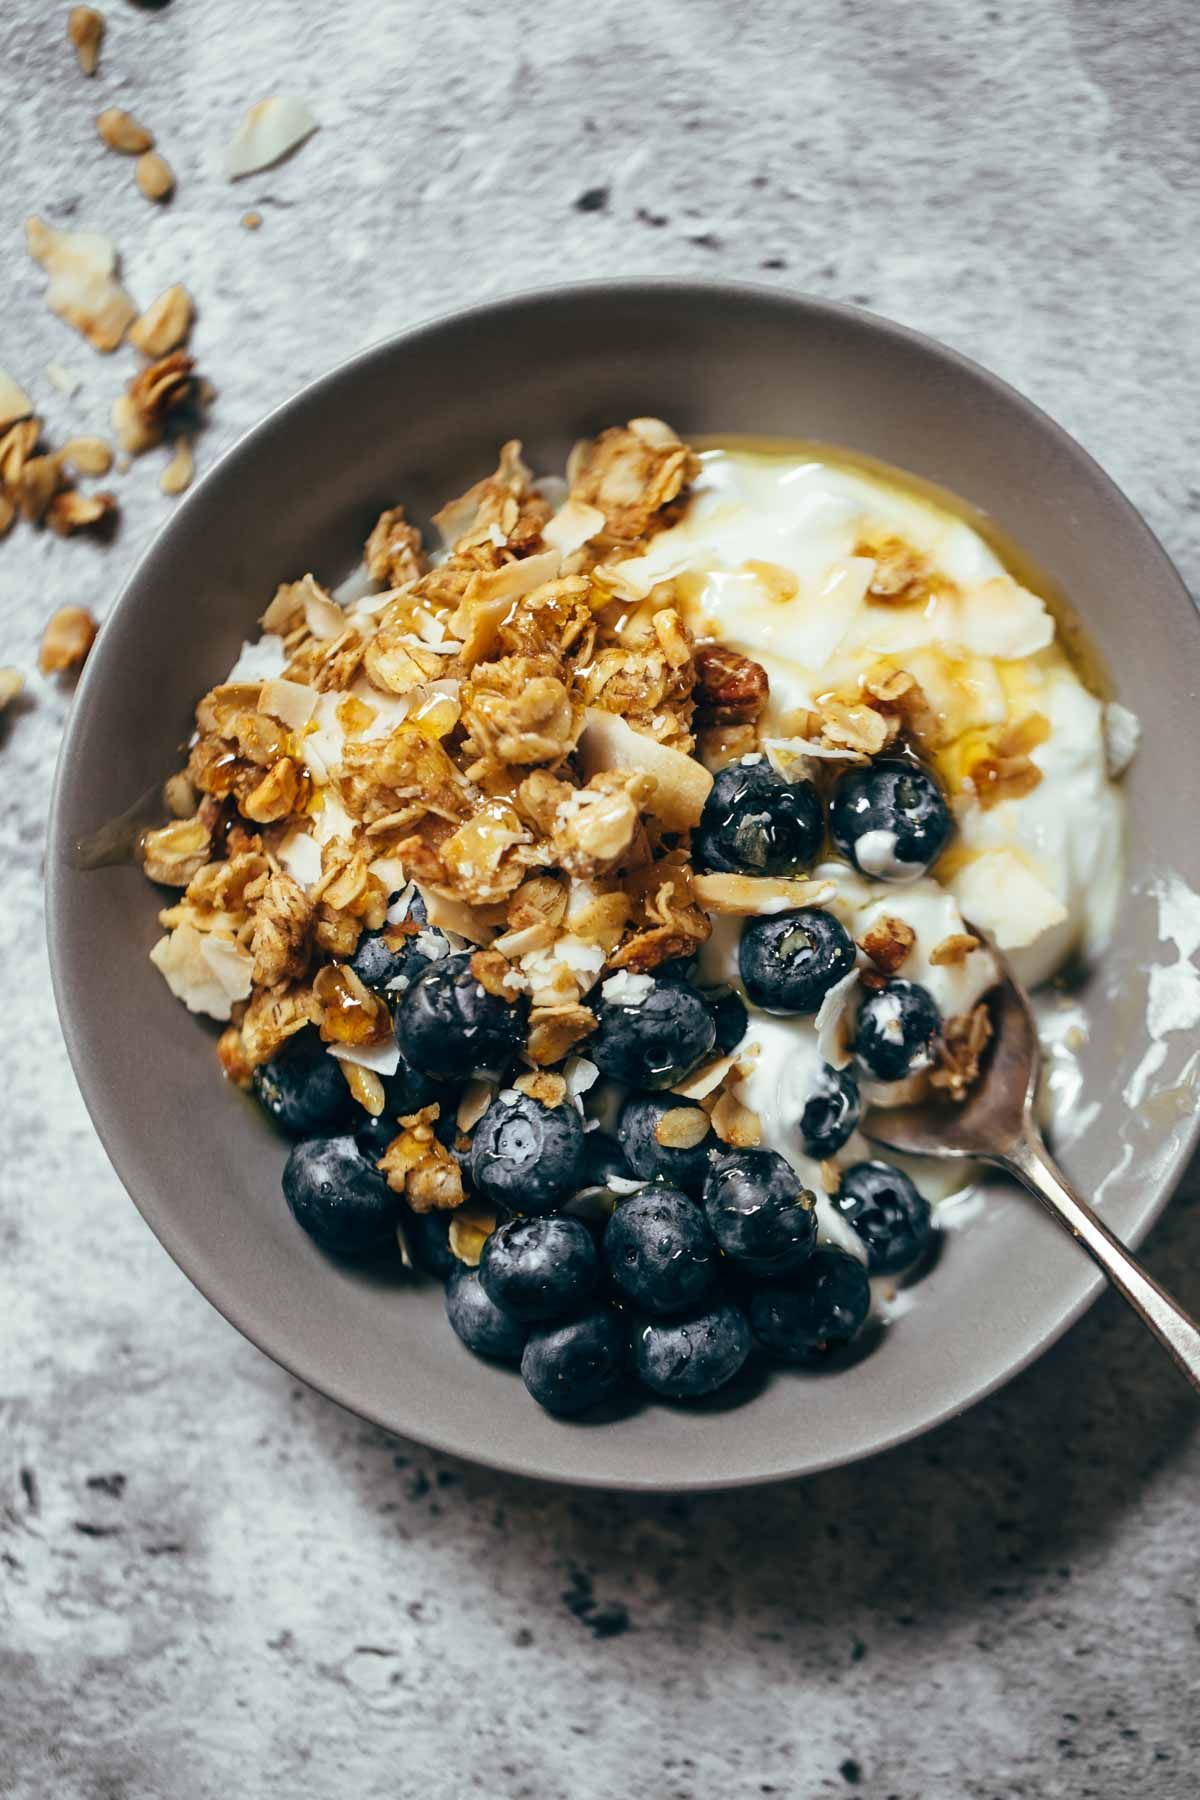 Coconut pecan cabin granola receta desayuno comida y granola coconut pecan cabin granola forumfinder Choice Image